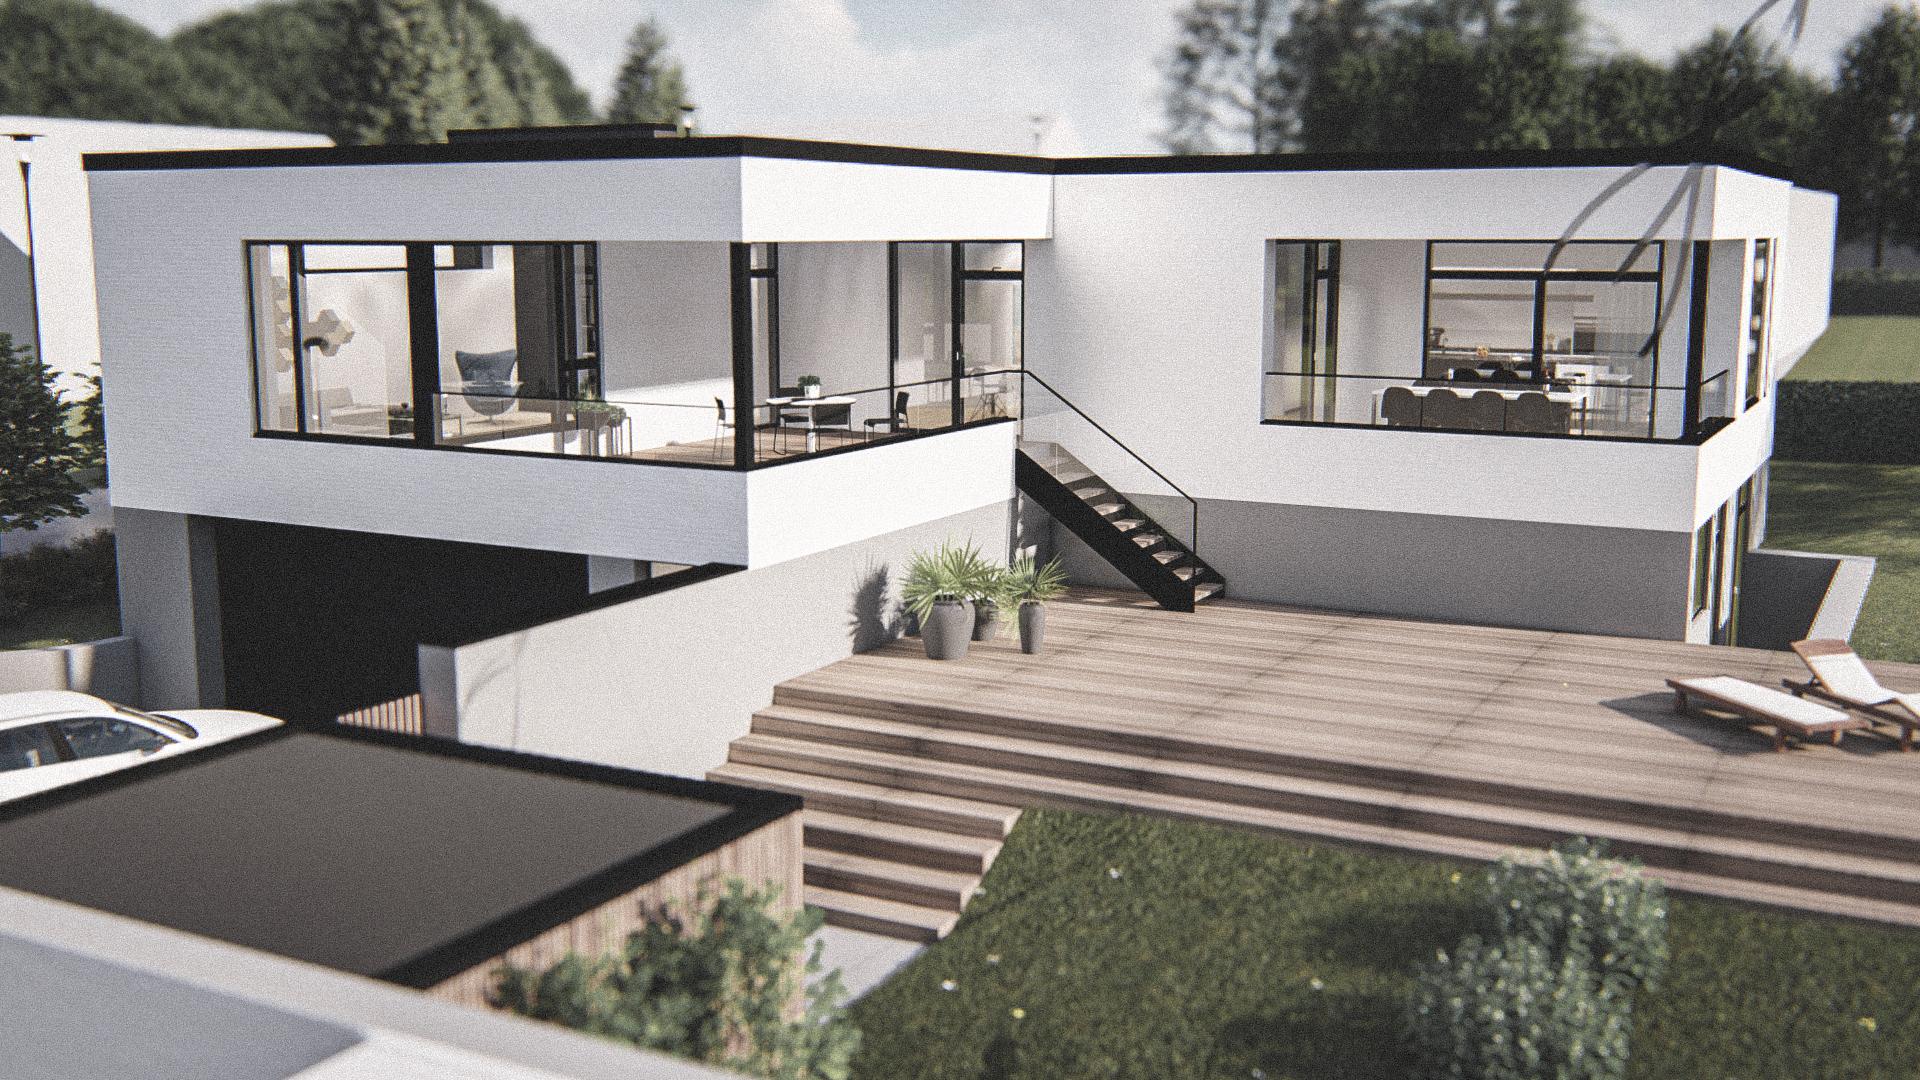 Billede af Dansk arkitekttegnet 1 plan villa af arkitektfirmaet m2plus, i Viborg på 315 kvartratmeter.